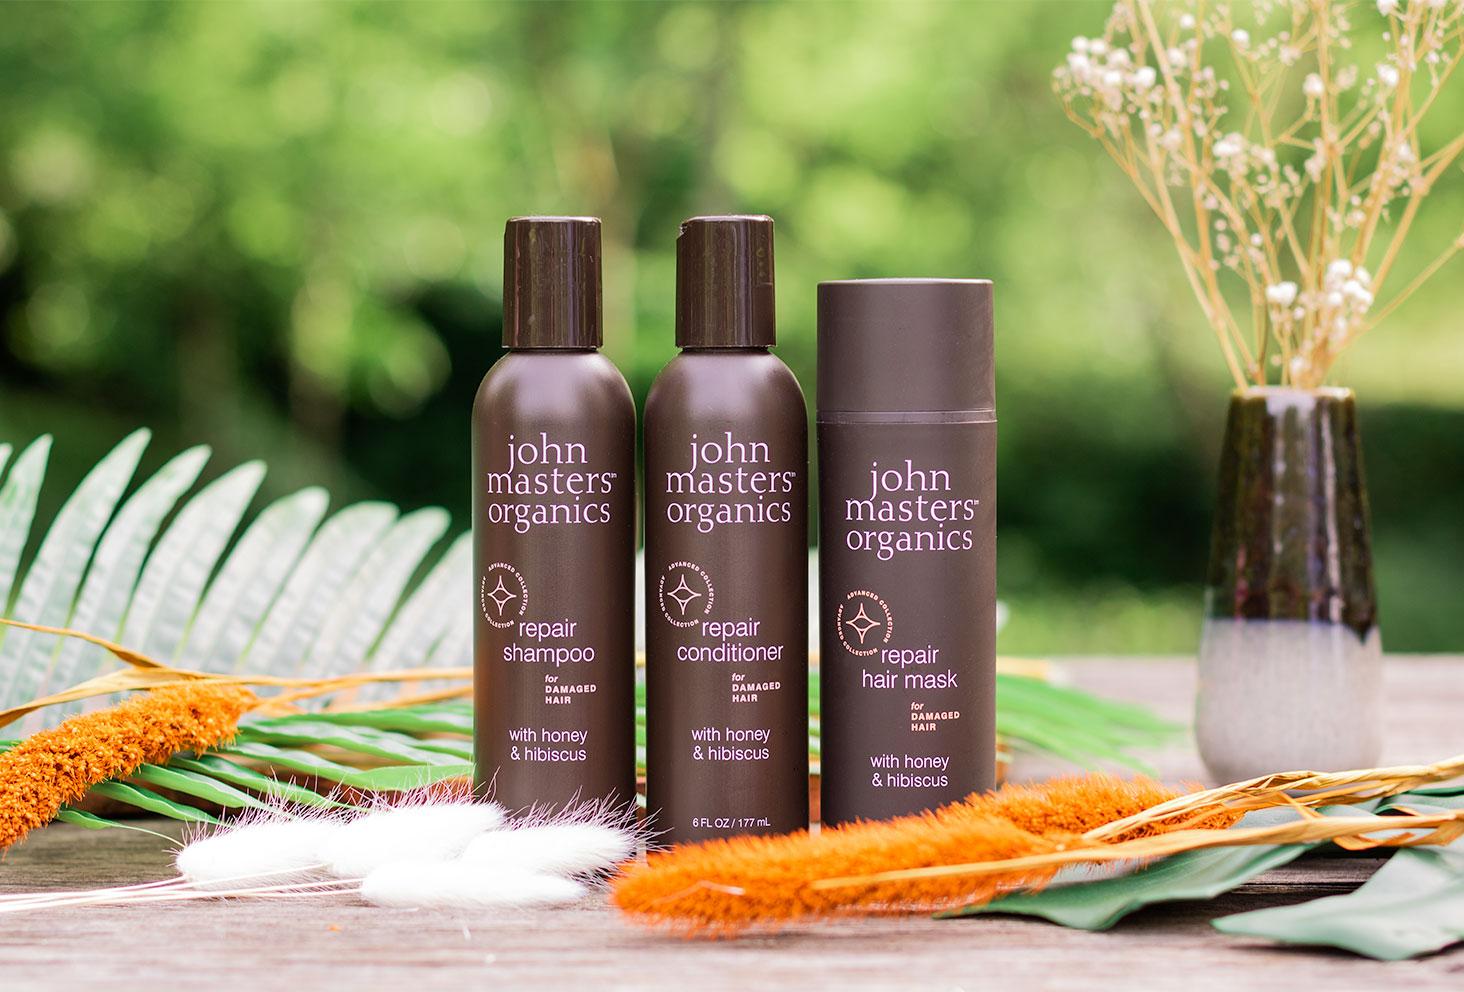 La gamme pour cheveux abîmés de John Masters Organics sur une table en bois entre fleurs séchées et feuilles vertes